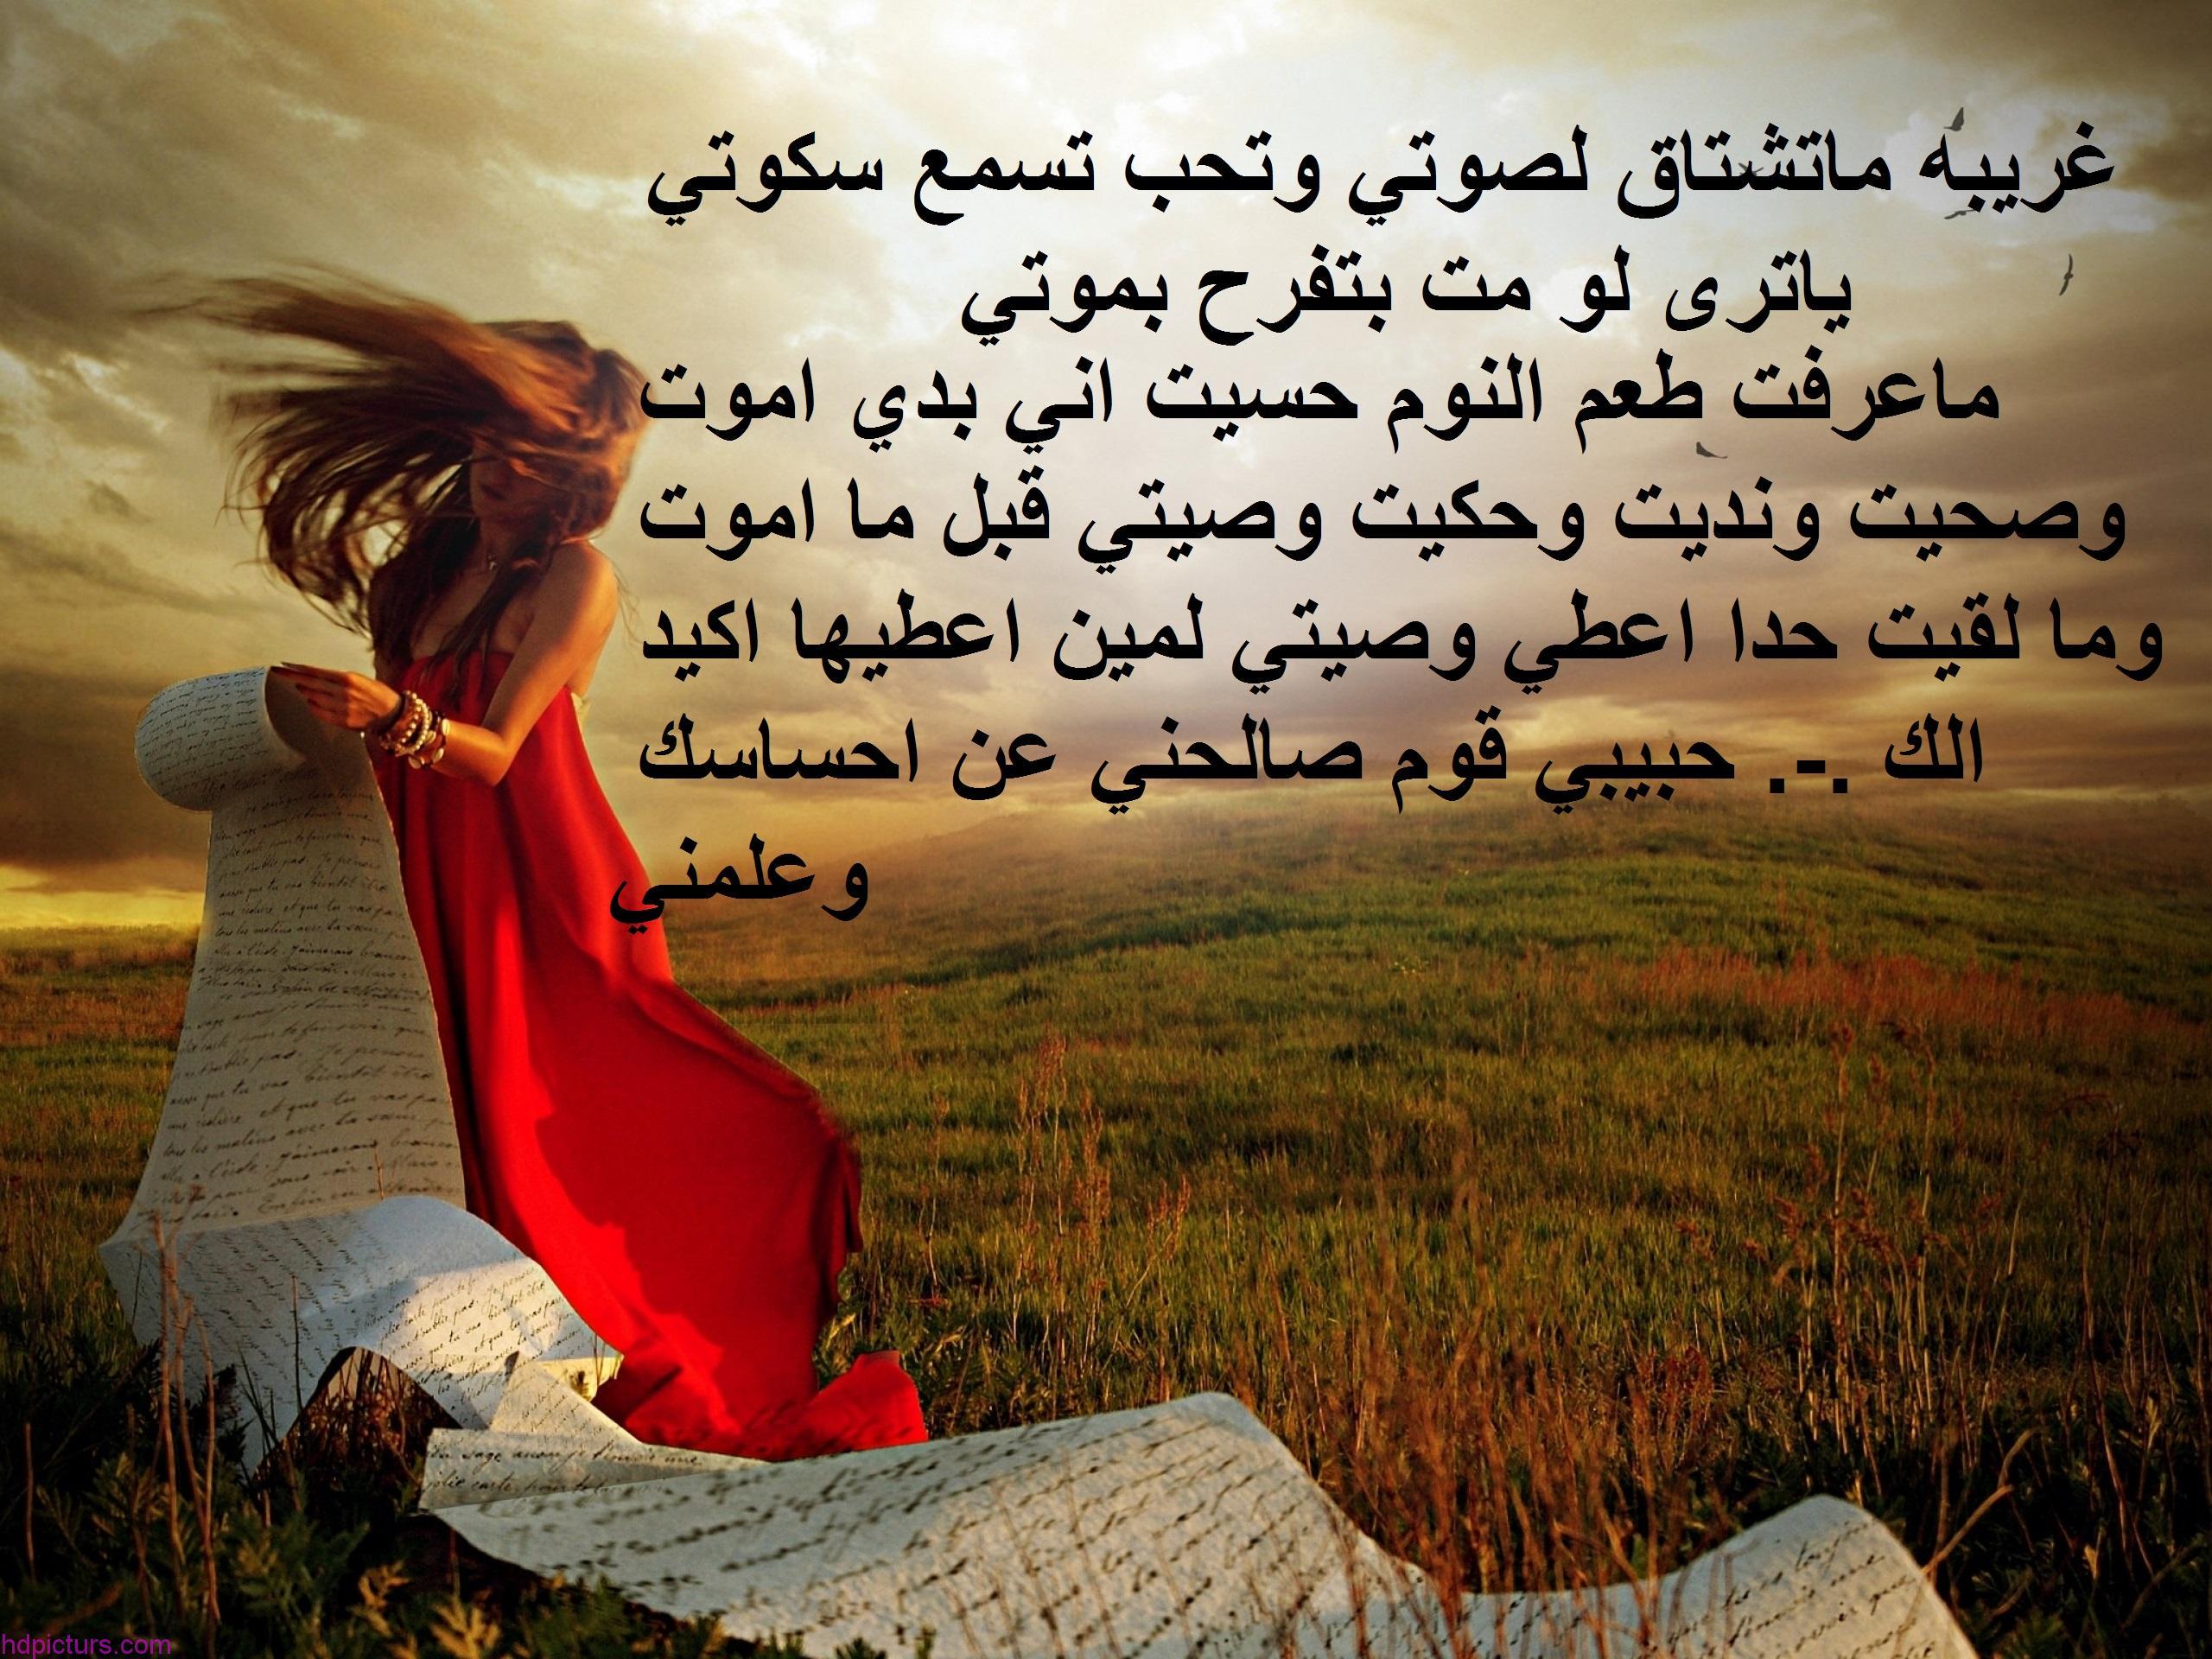 بالصور صور زعل حب , الزعل وكلمات حب للخصام 6598 12